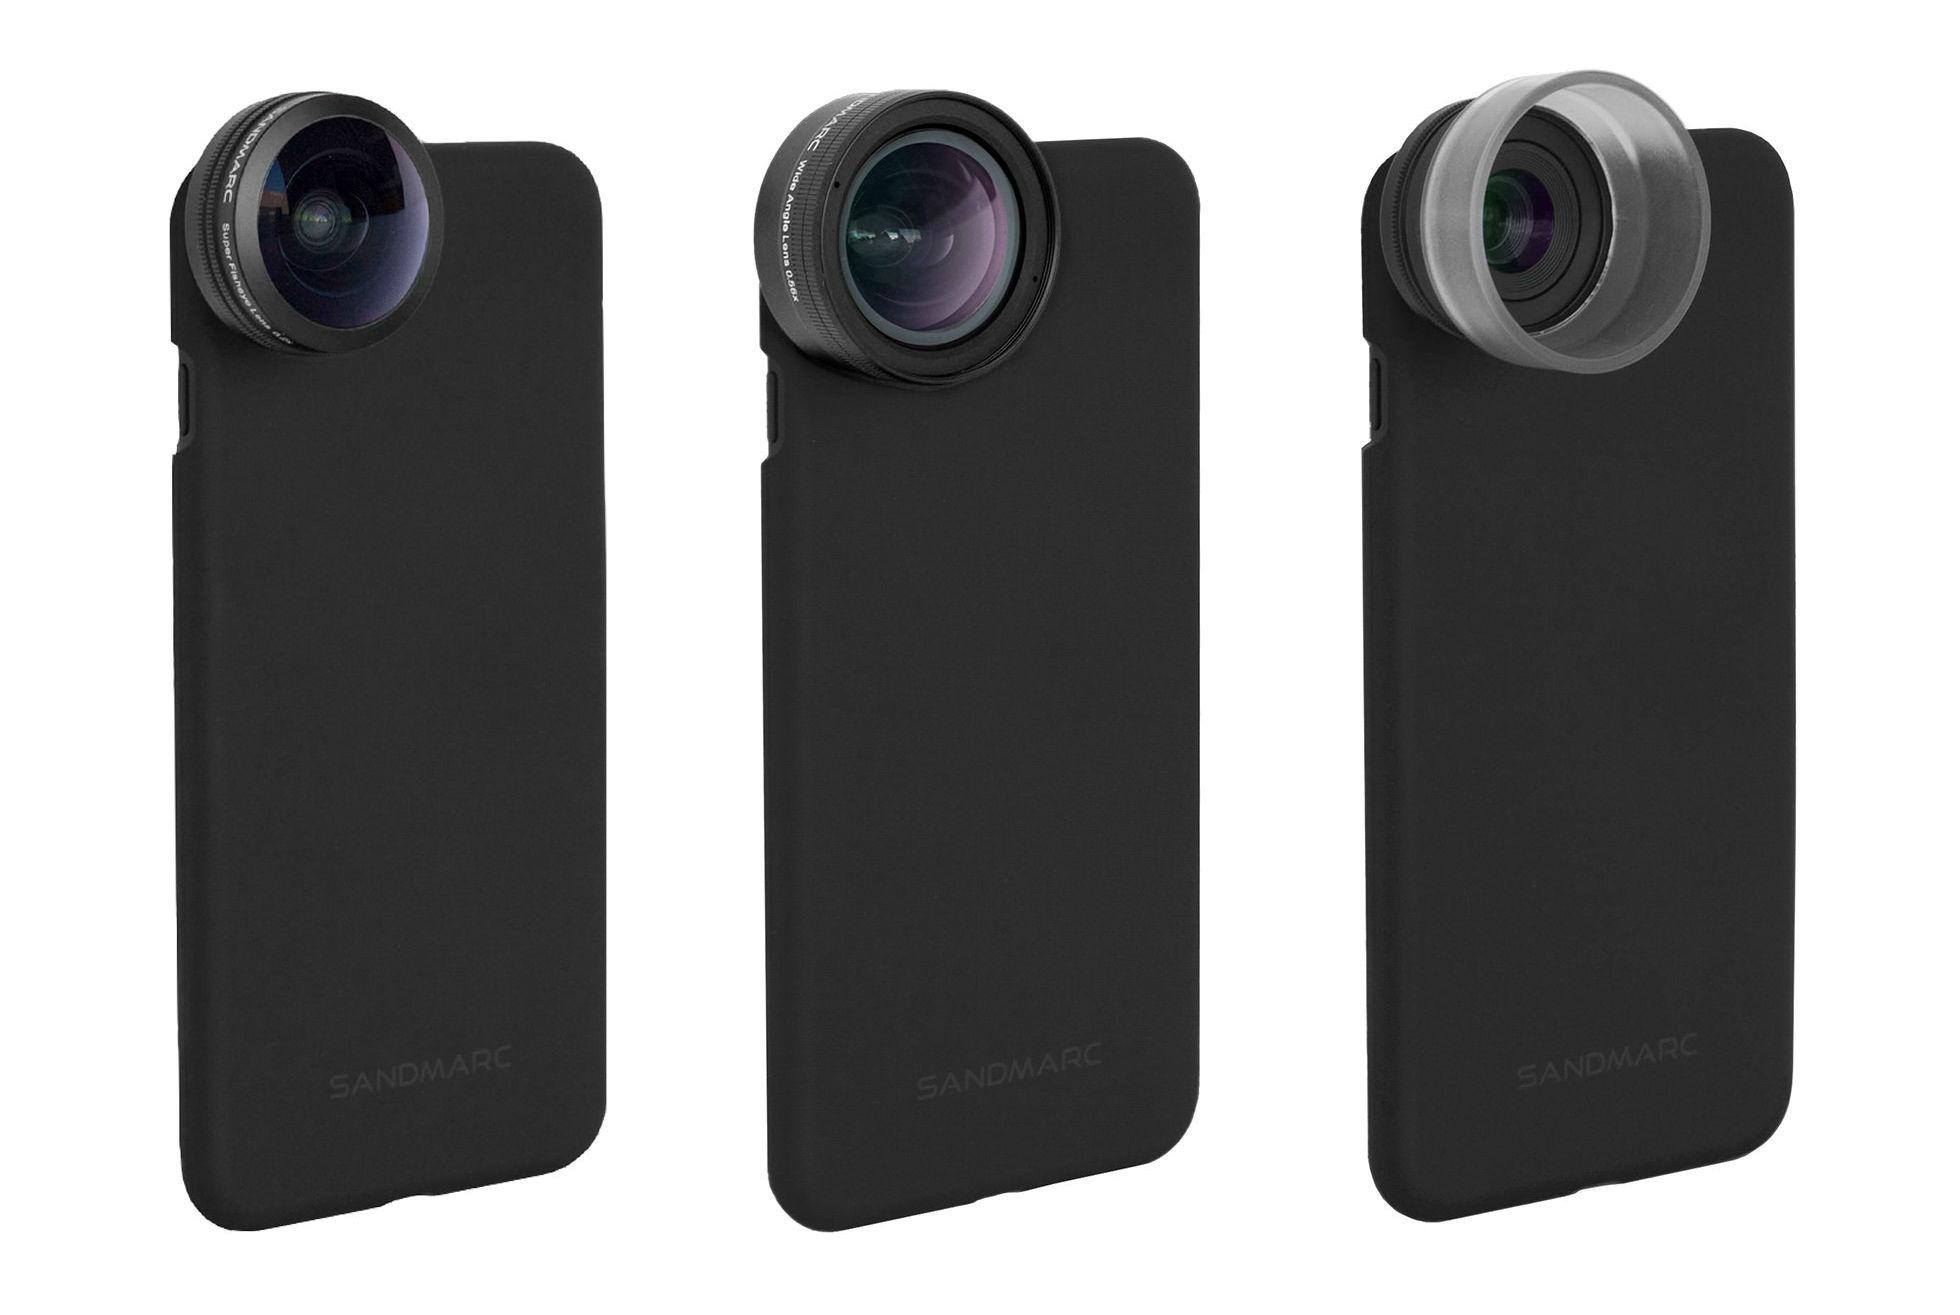 sandmarc iphone lens kit image